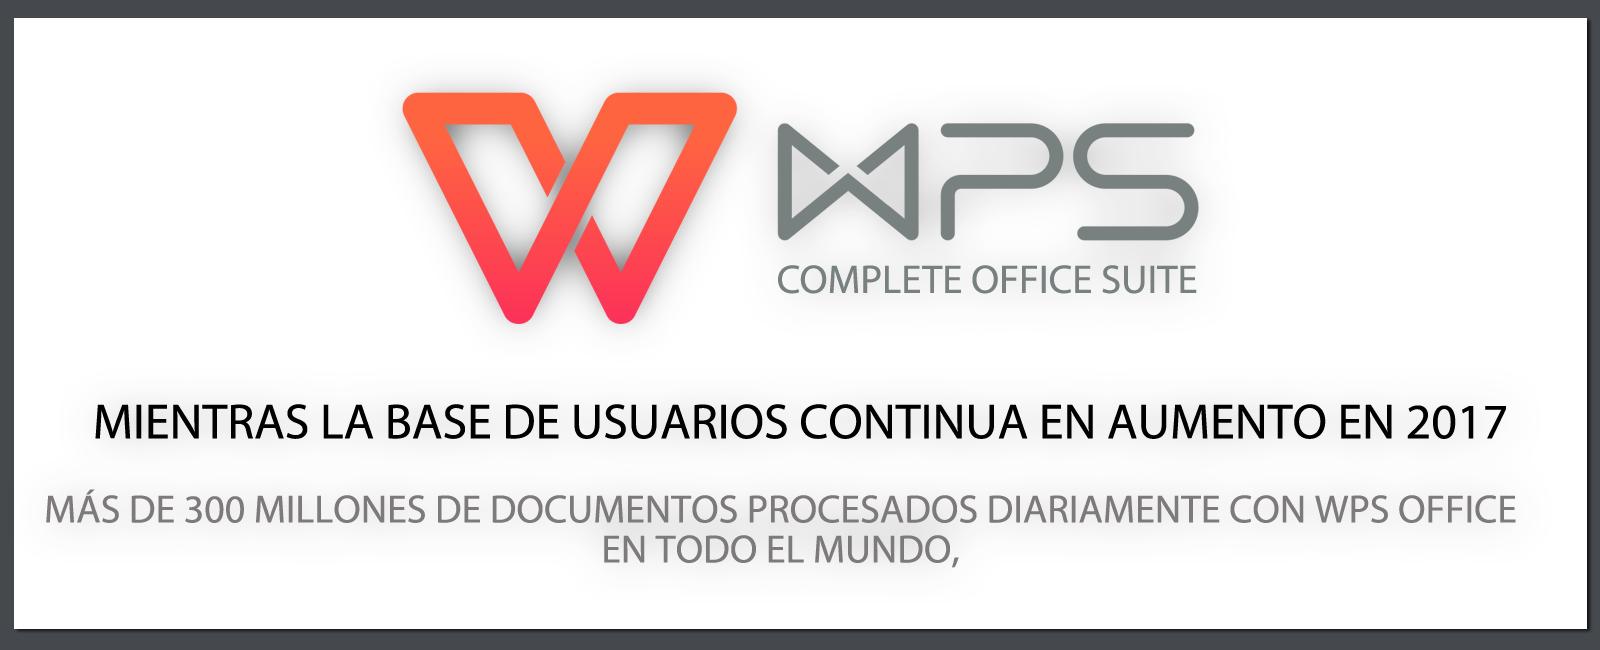 Más de 300 millones de documentos procesados diariamente con WPS ...